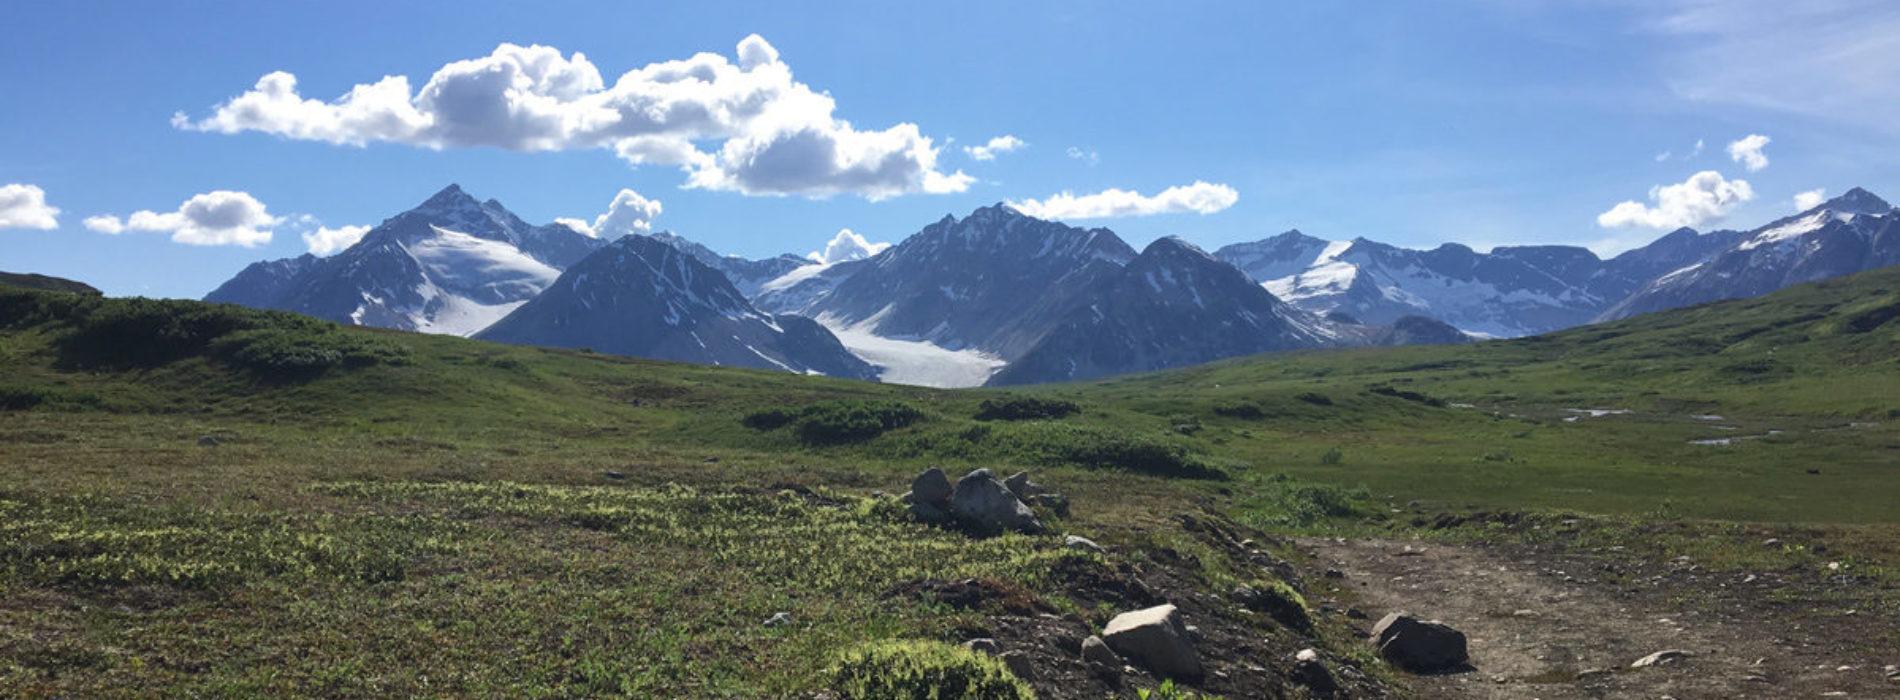 Le Yukon : la nouvelle destination cool au Canada